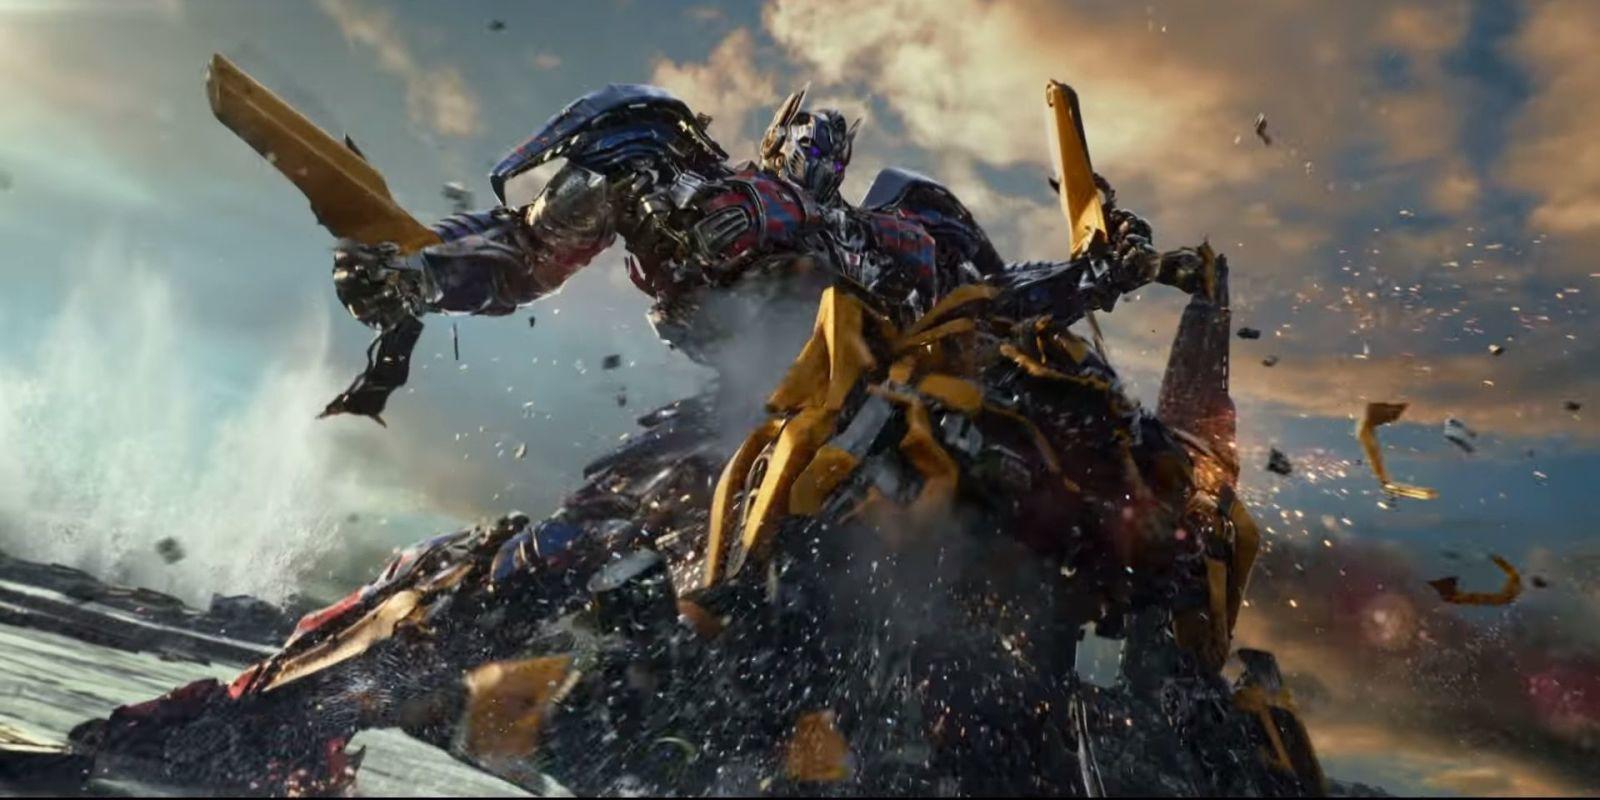 4 điều khiến chú ong nghệ Bumblebee hoàn toàn khác biệt với mọi phần Transformers cũ - Ảnh 8.